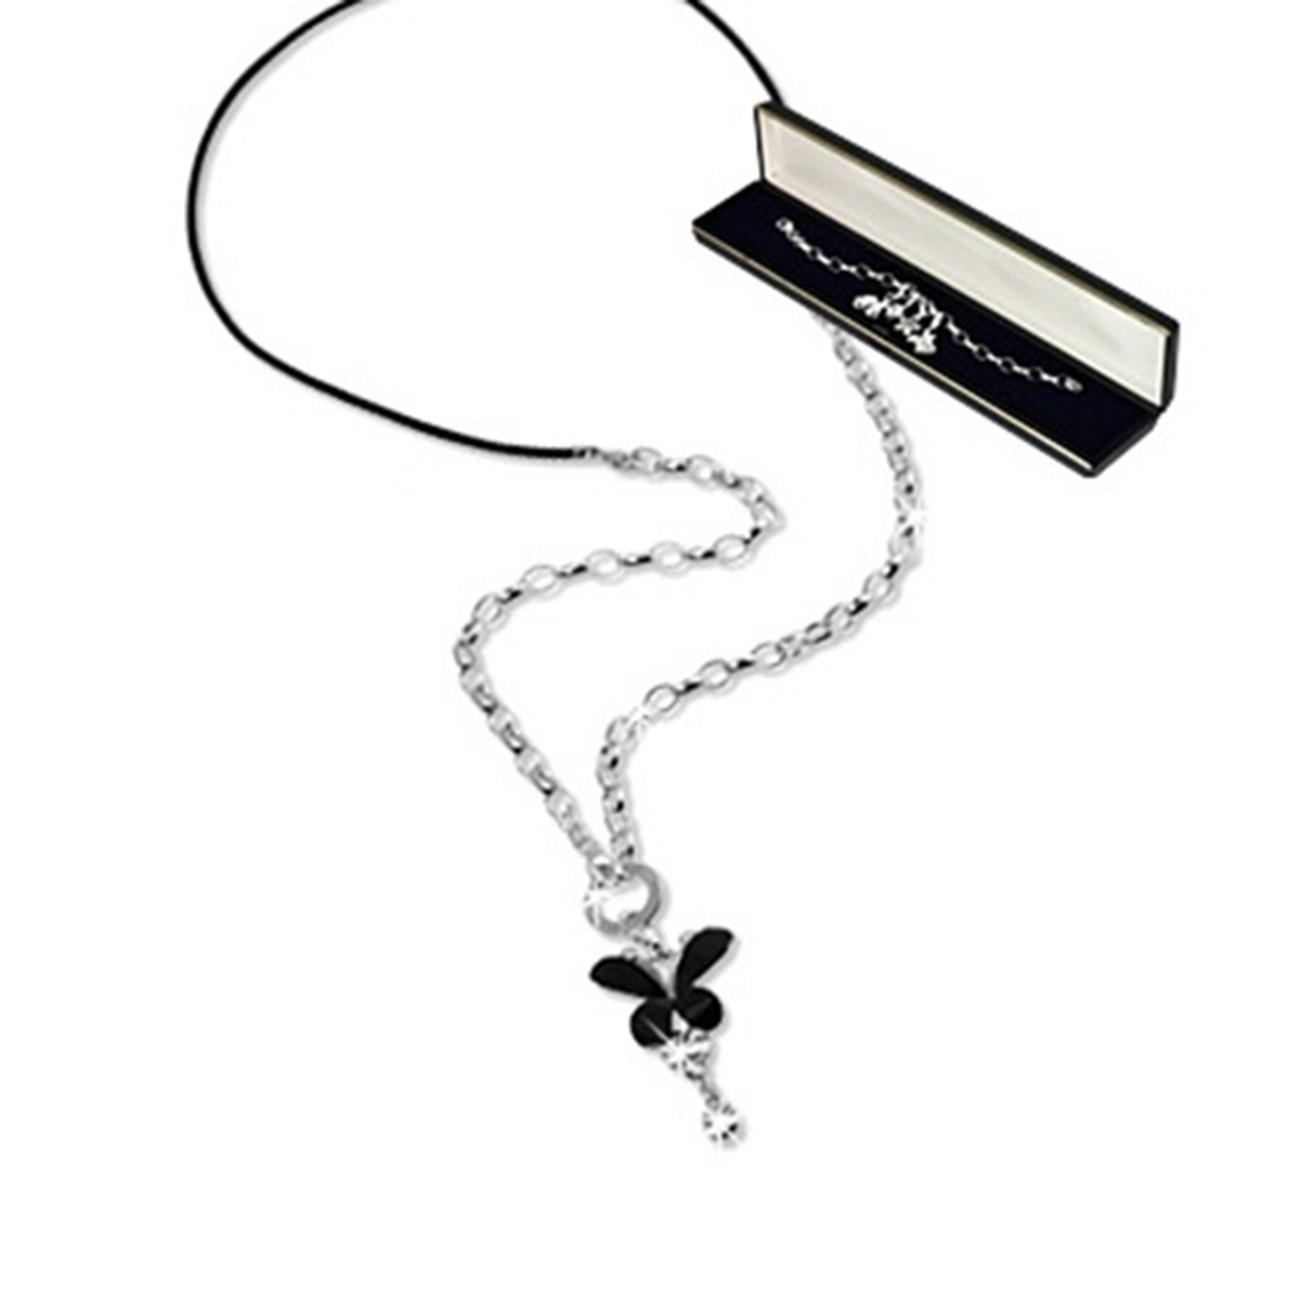 SilberDream Set Silber Charm Kette und Charms Anhänger FCA086